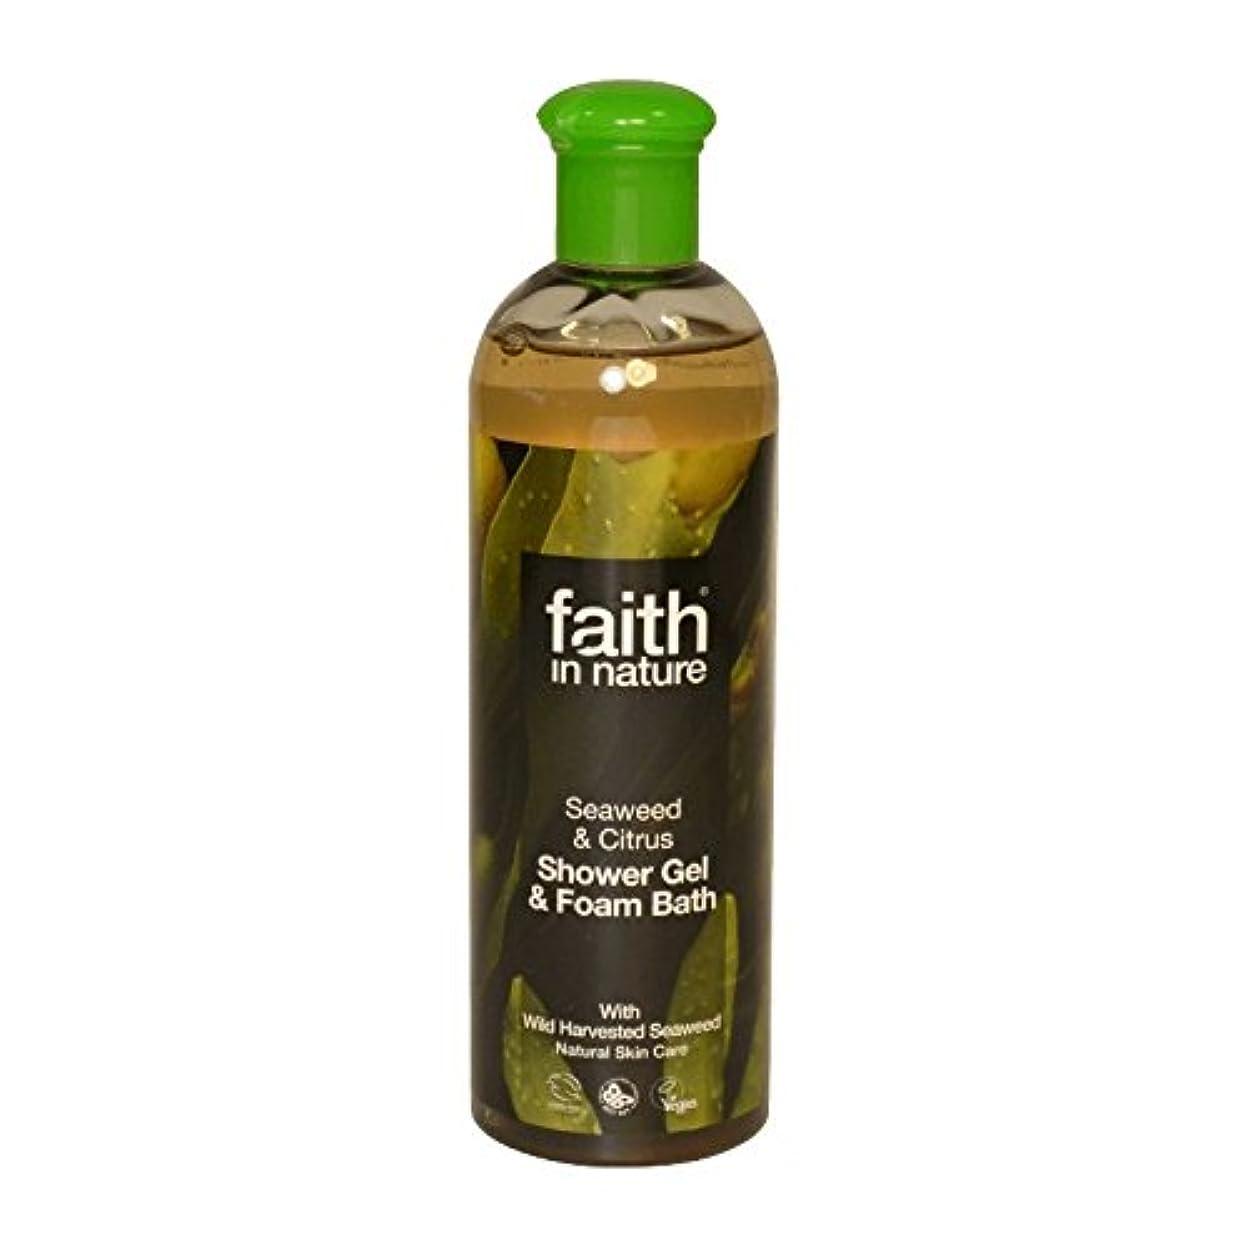 苛性別のレーザ自然の海藻&シトラスシャワージェル&バス泡400ミリリットルの信仰 - Faith in Nature Seaweed & Citrus Shower Gel & Bath Foam 400ml (Faith in Nature) [並行輸入品]